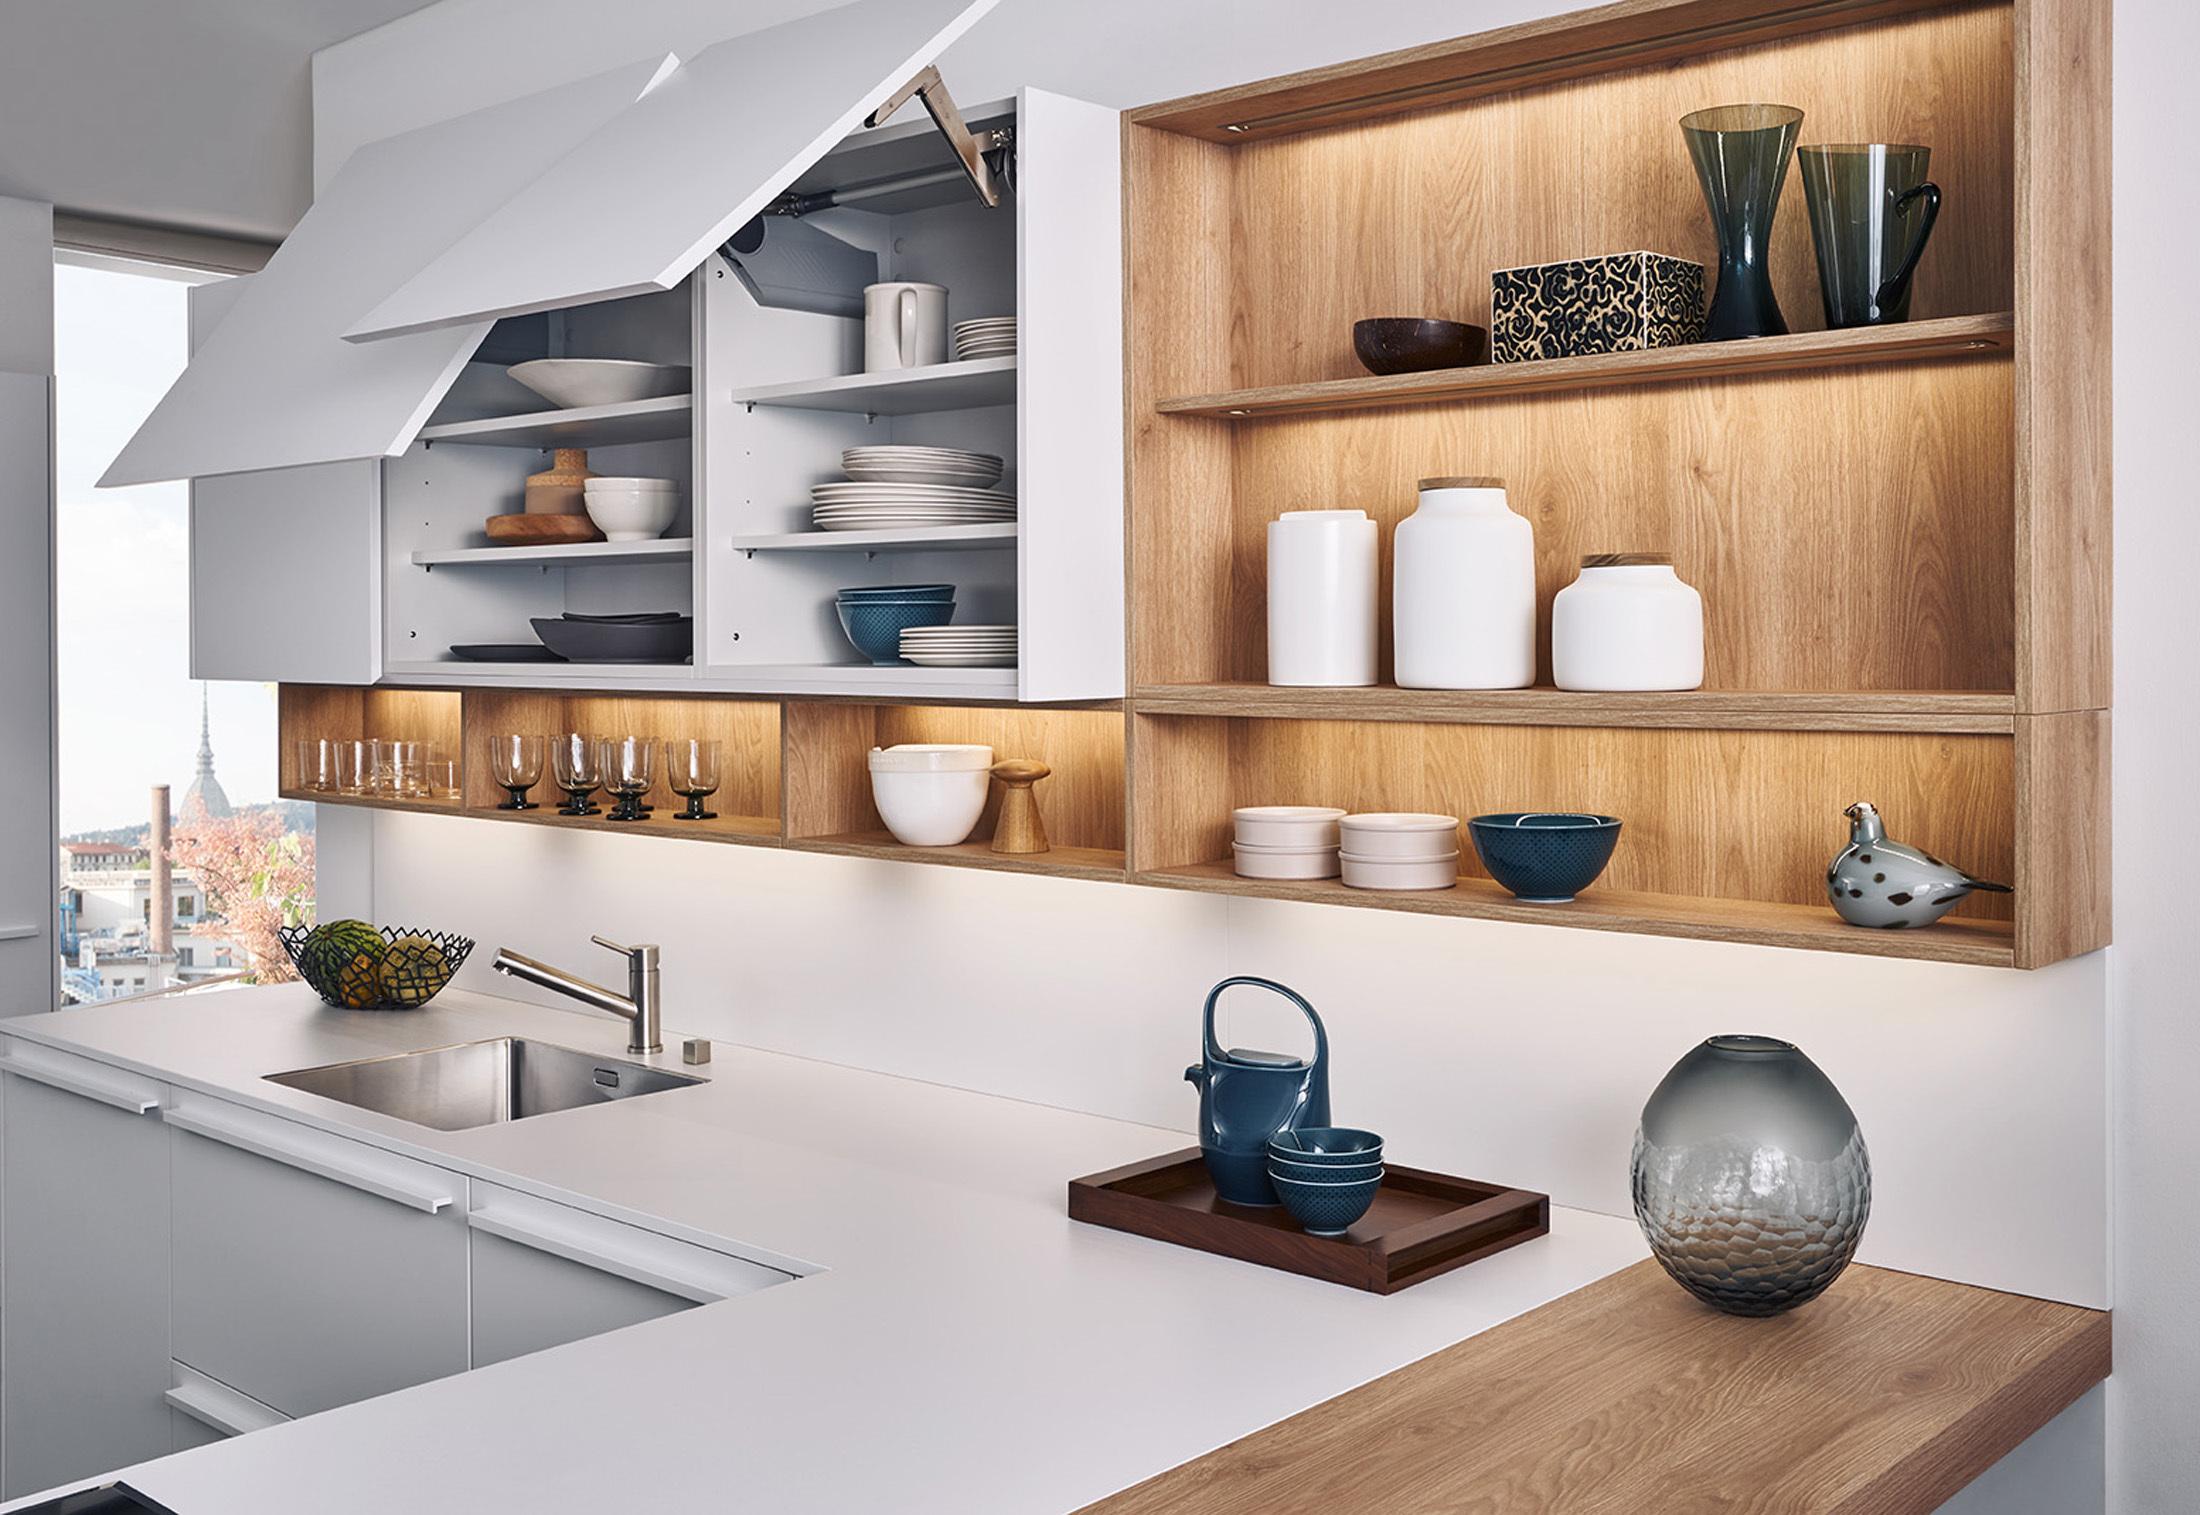 Full Size of Led Panel Küche Decke Led Panel Küche Unterbau Led Panel Küche Unterschrank Led Panel Küchenunterschrank Küche Led Panel Küche